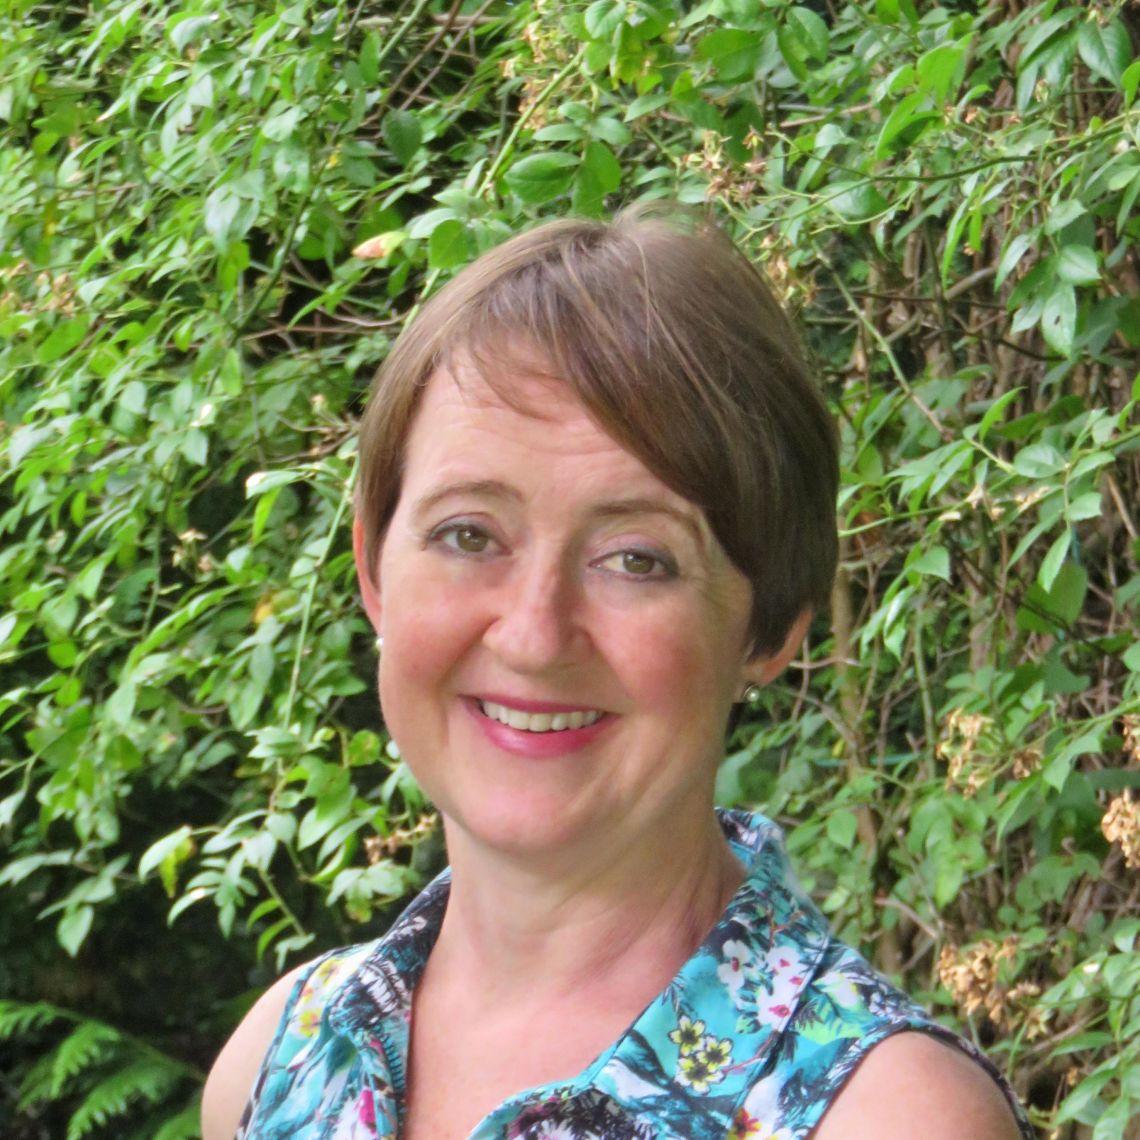 Ellie Barnes